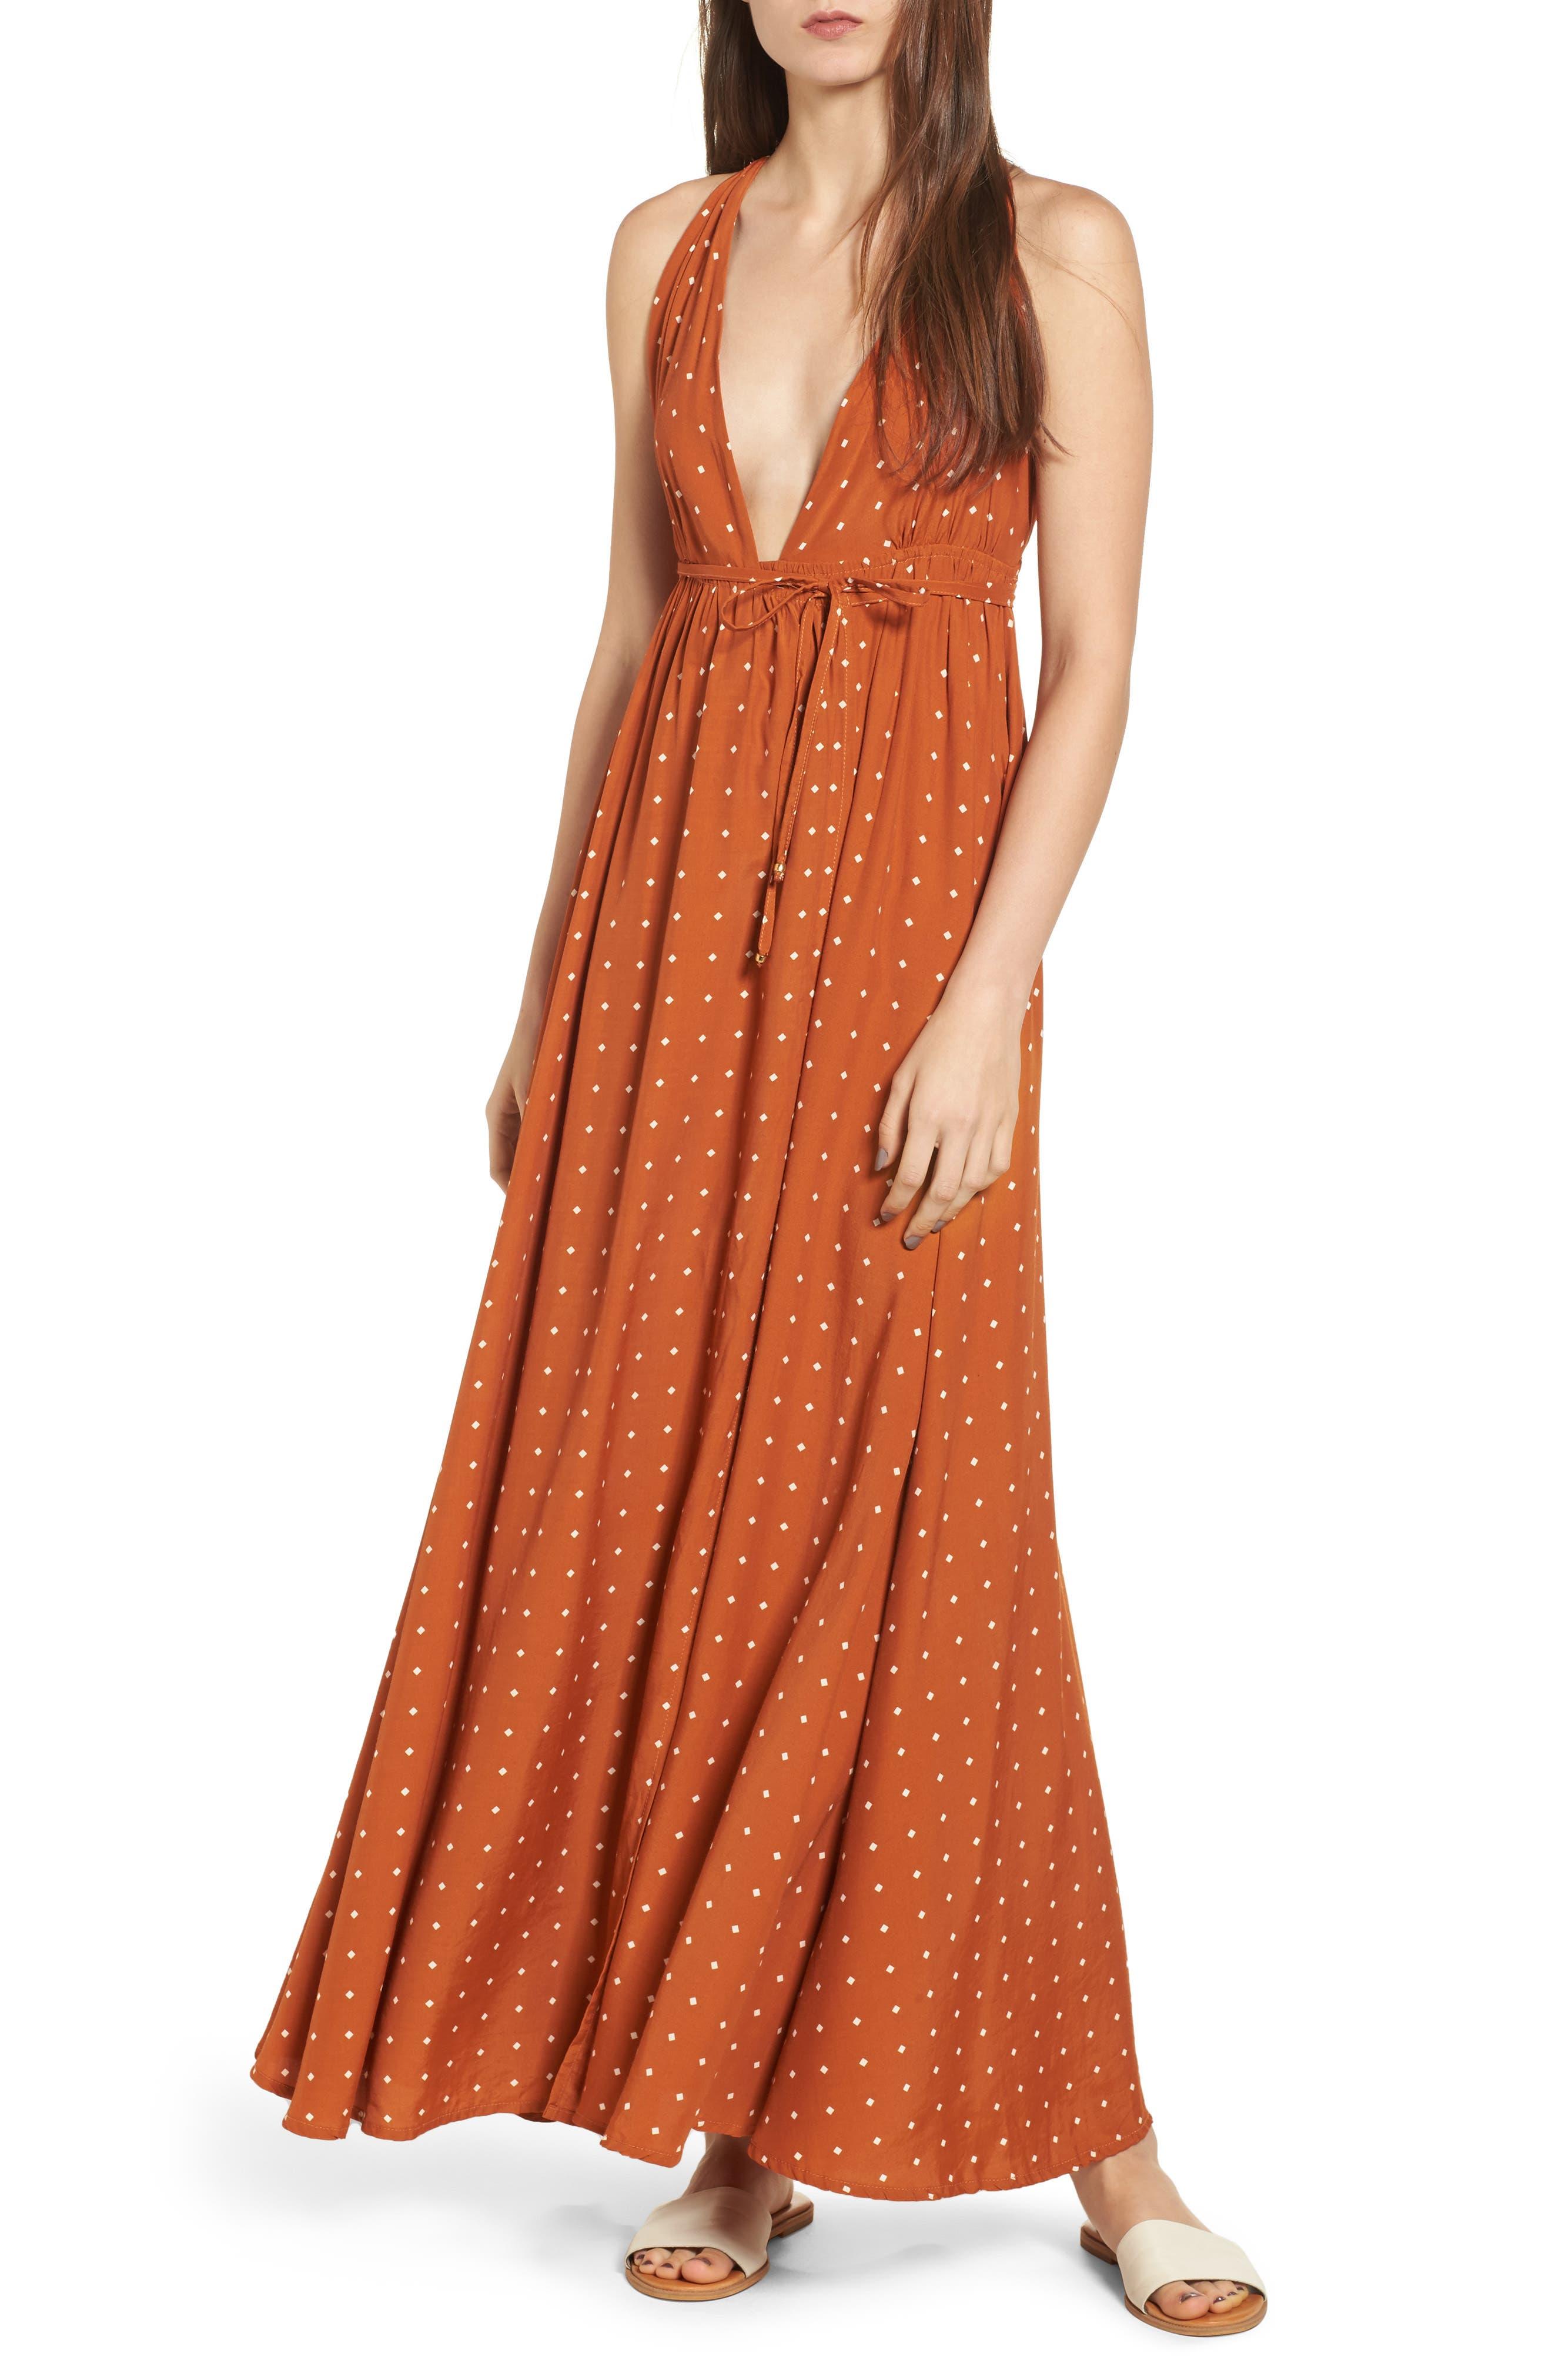 Santa Rosa Maxi Dress,                             Main thumbnail 1, color,                             Stefano Print - Ginger